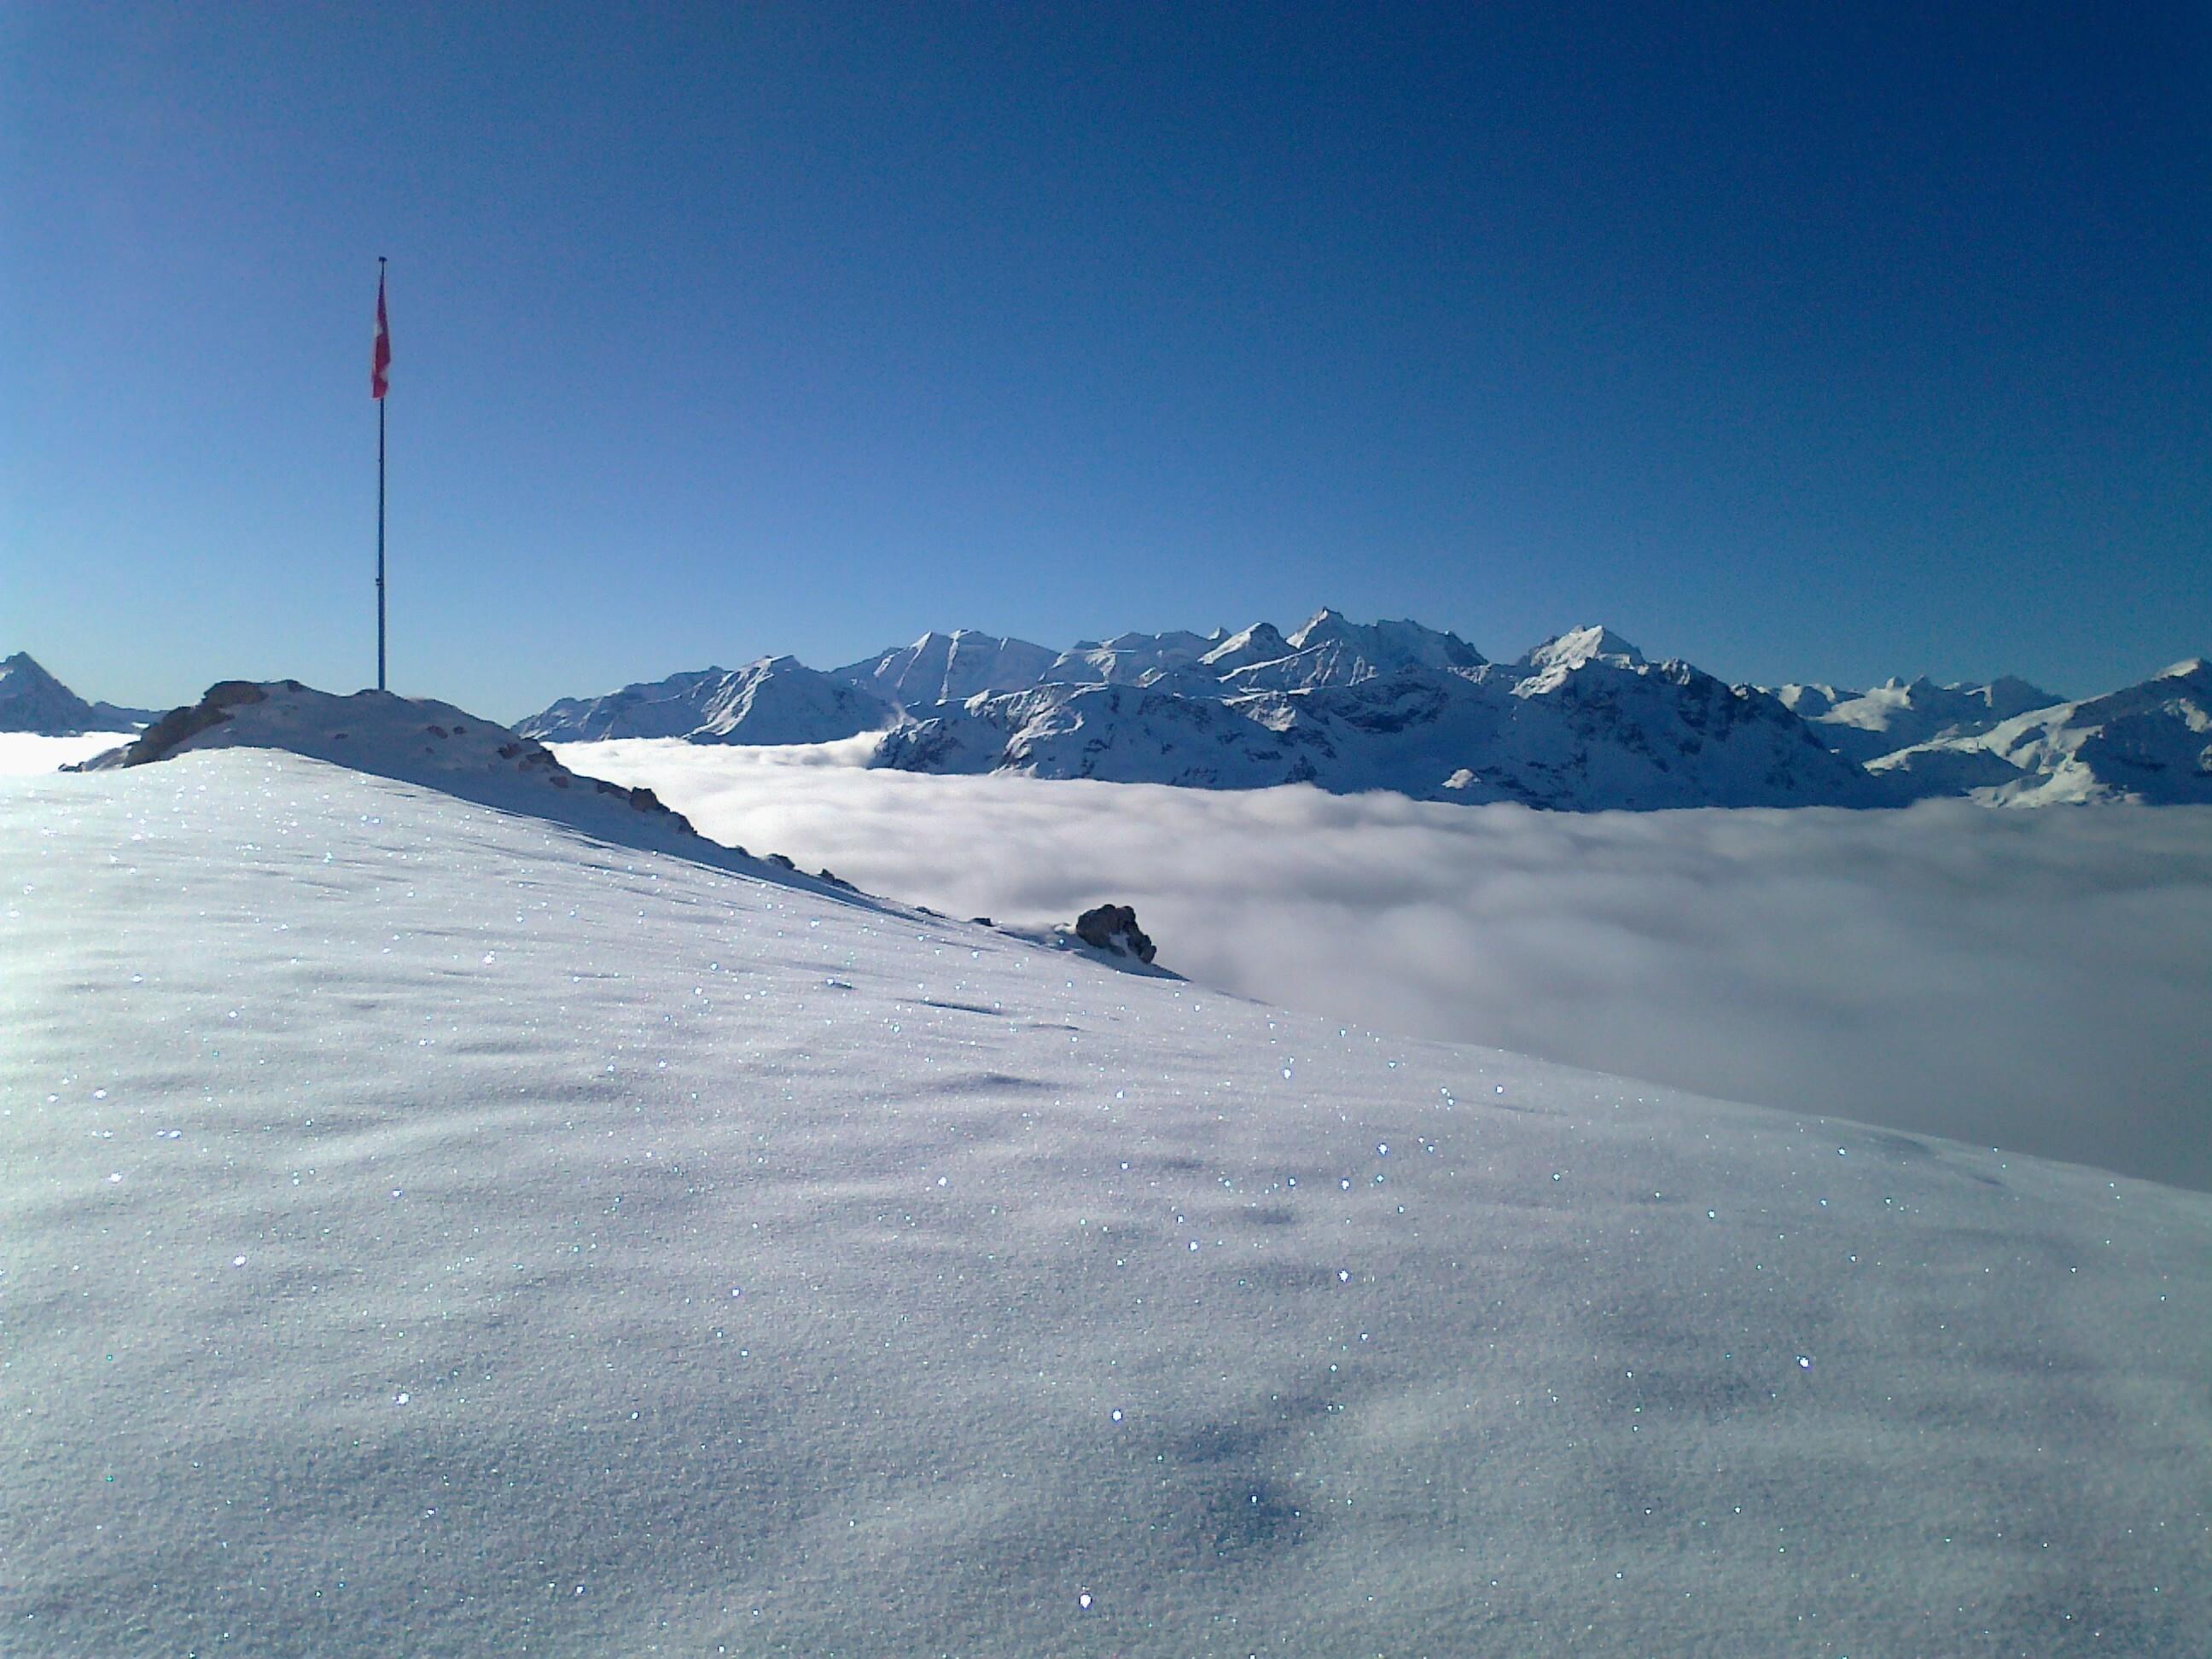 Bär Snowsports Engadin, Bike,- Berg- und Schneesportschule Slide 5